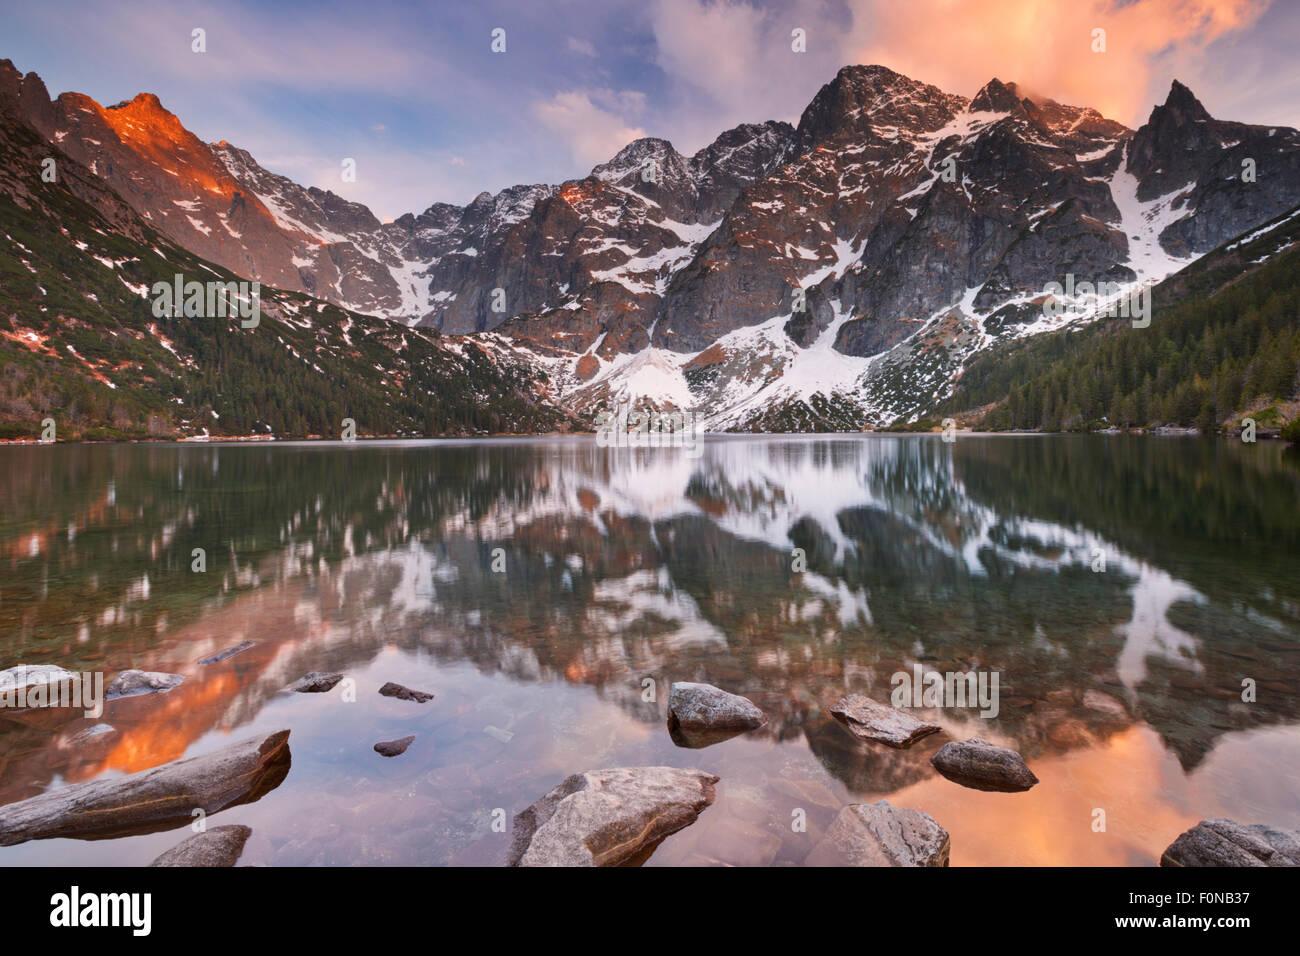 El Morskie Oko lago de montaña en las montañas de Tatra en Polonia, fotografiado al atardecer. Imagen De Stock